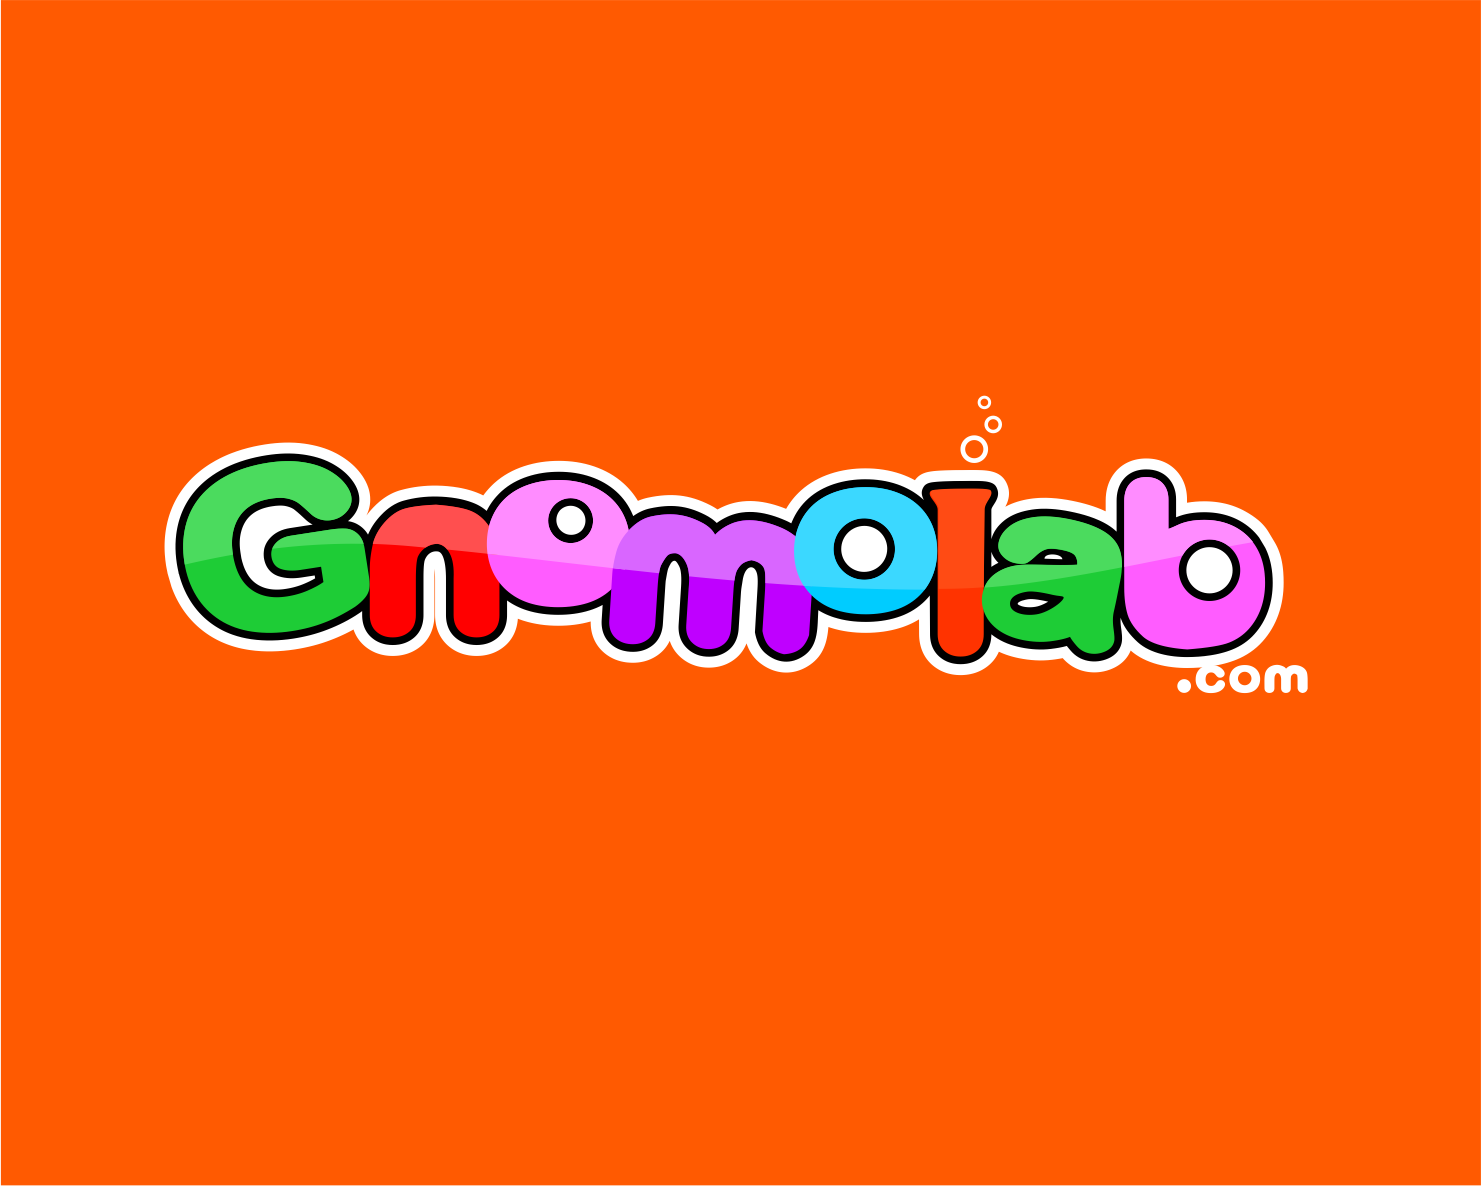 logo for Gnomolab.com (Dreamco OU)